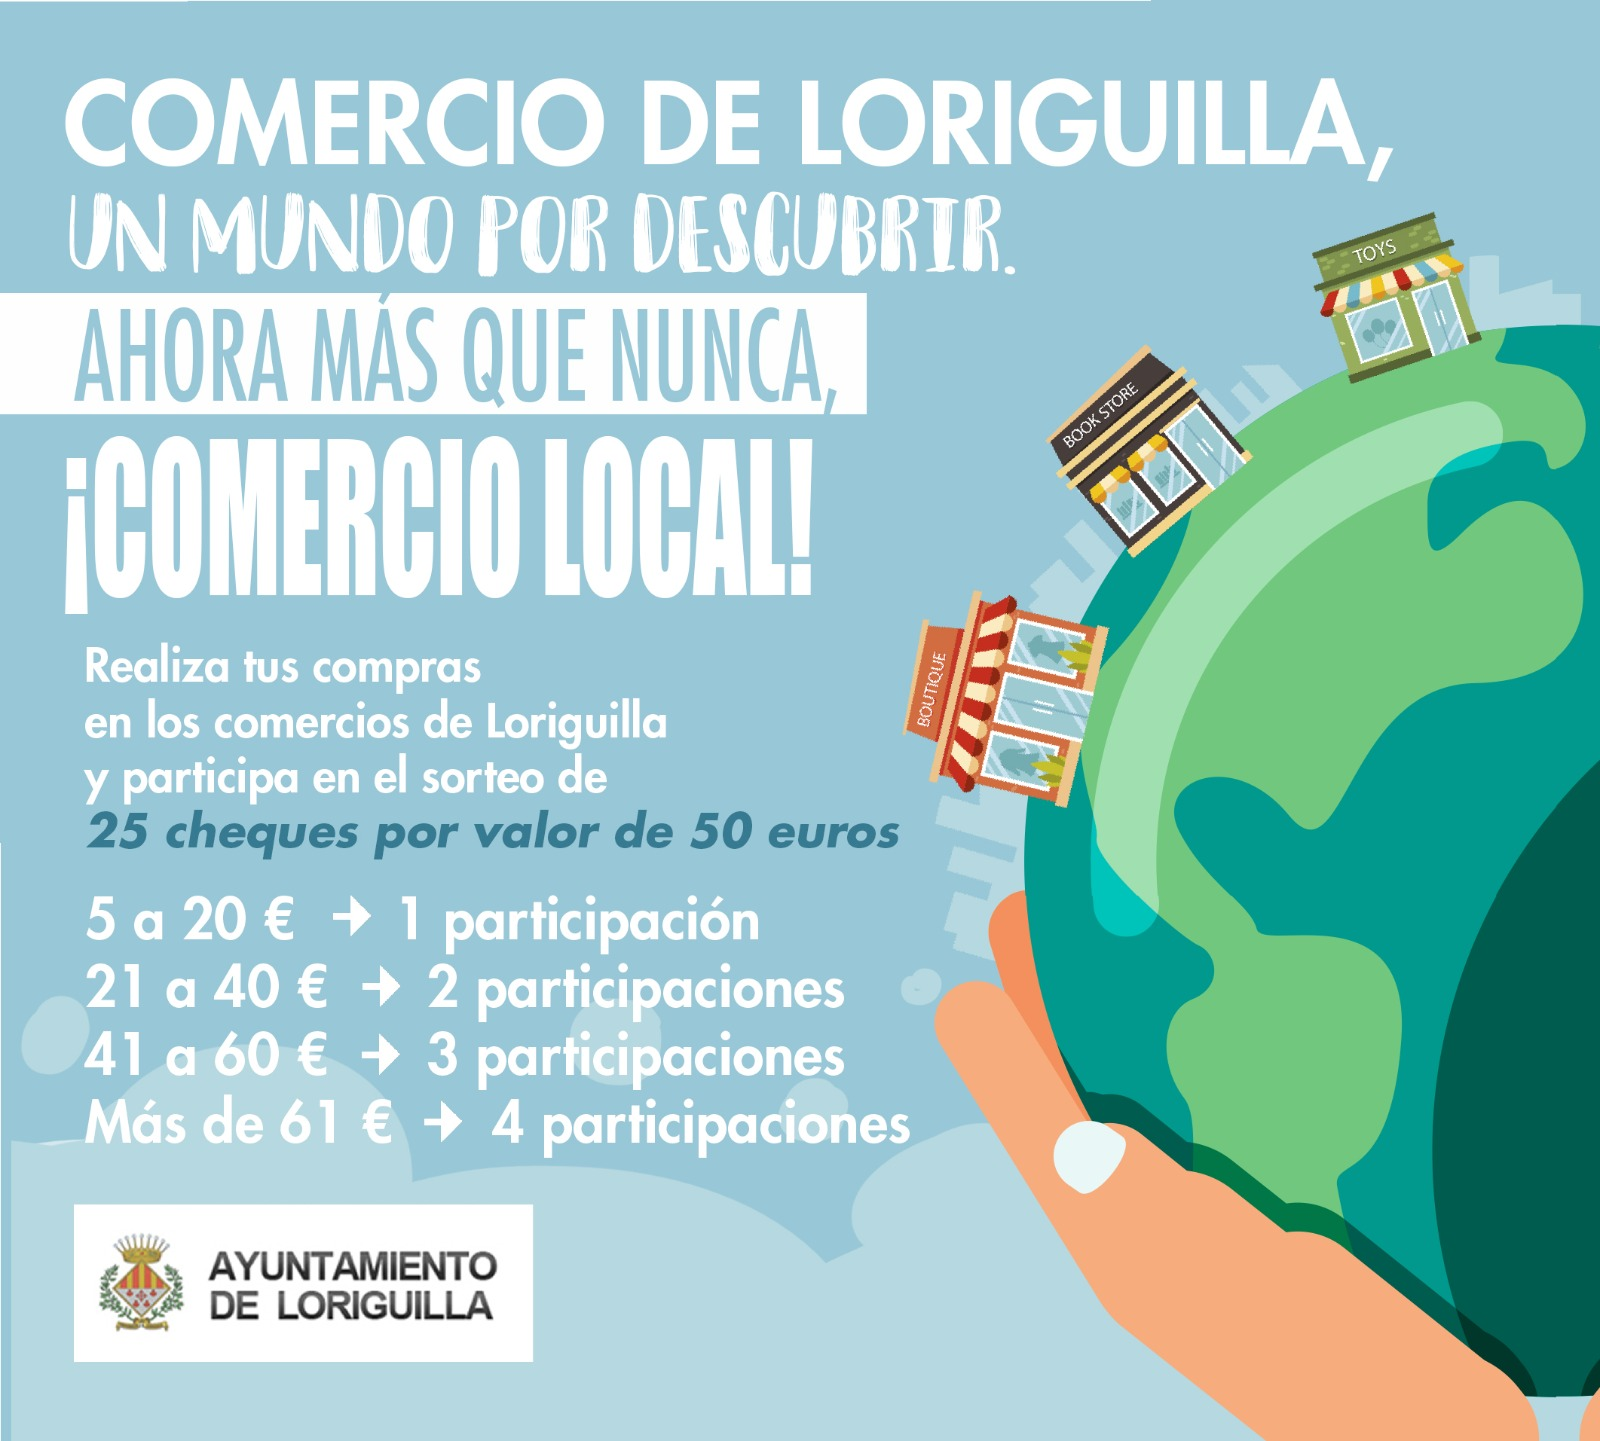 Loriguilla pone en marcha una campaña de apoyo al comercio local en la que se repartirán 25 cheques regalos para gastar en el municipio